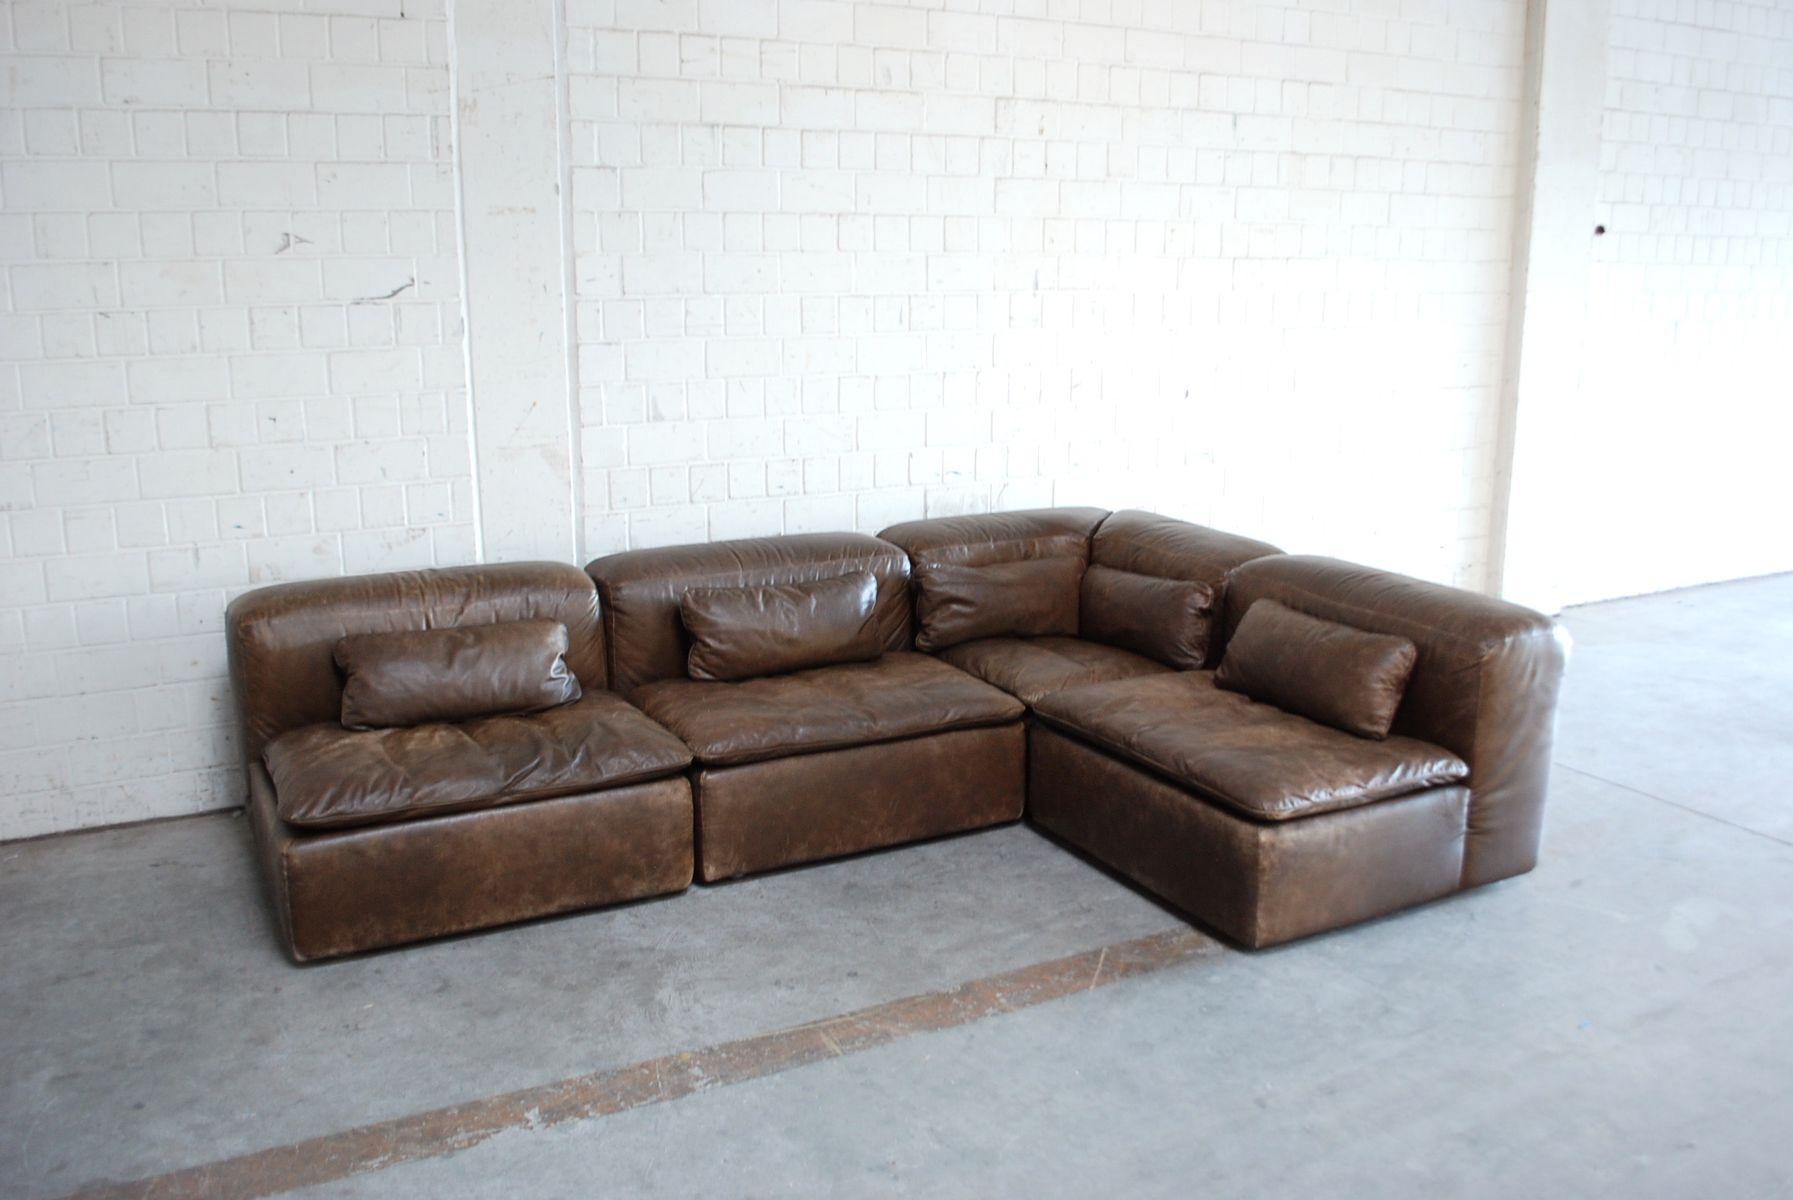 cheap vintage modular wk leather sofa set by ernst martin dettinger for wk mbel set of with sofa mbel - Sofa Mbel